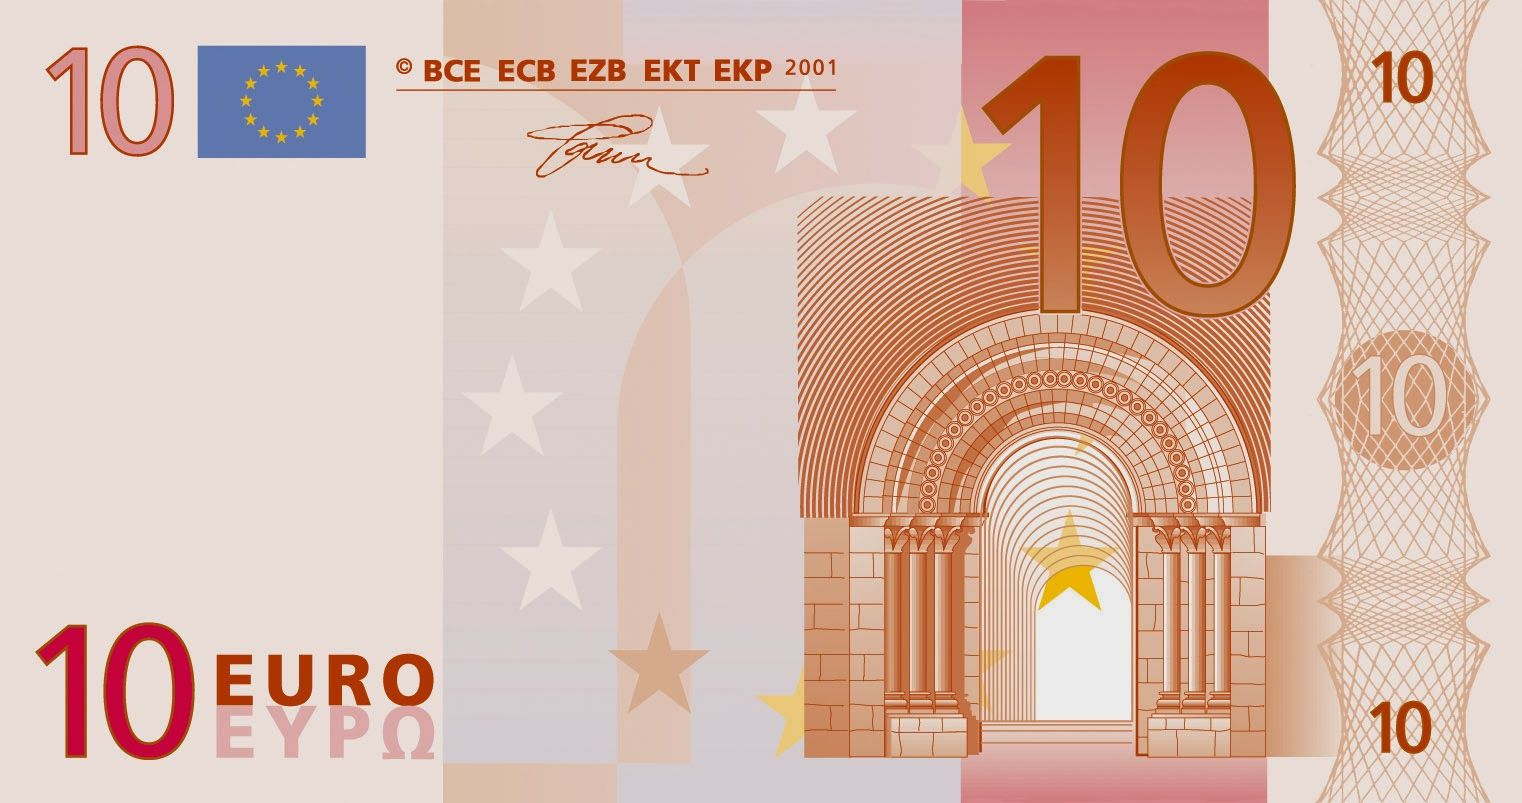 Entran en circulaci n los nuevos billetes de 10 euros for Manana abren los bancos en espana